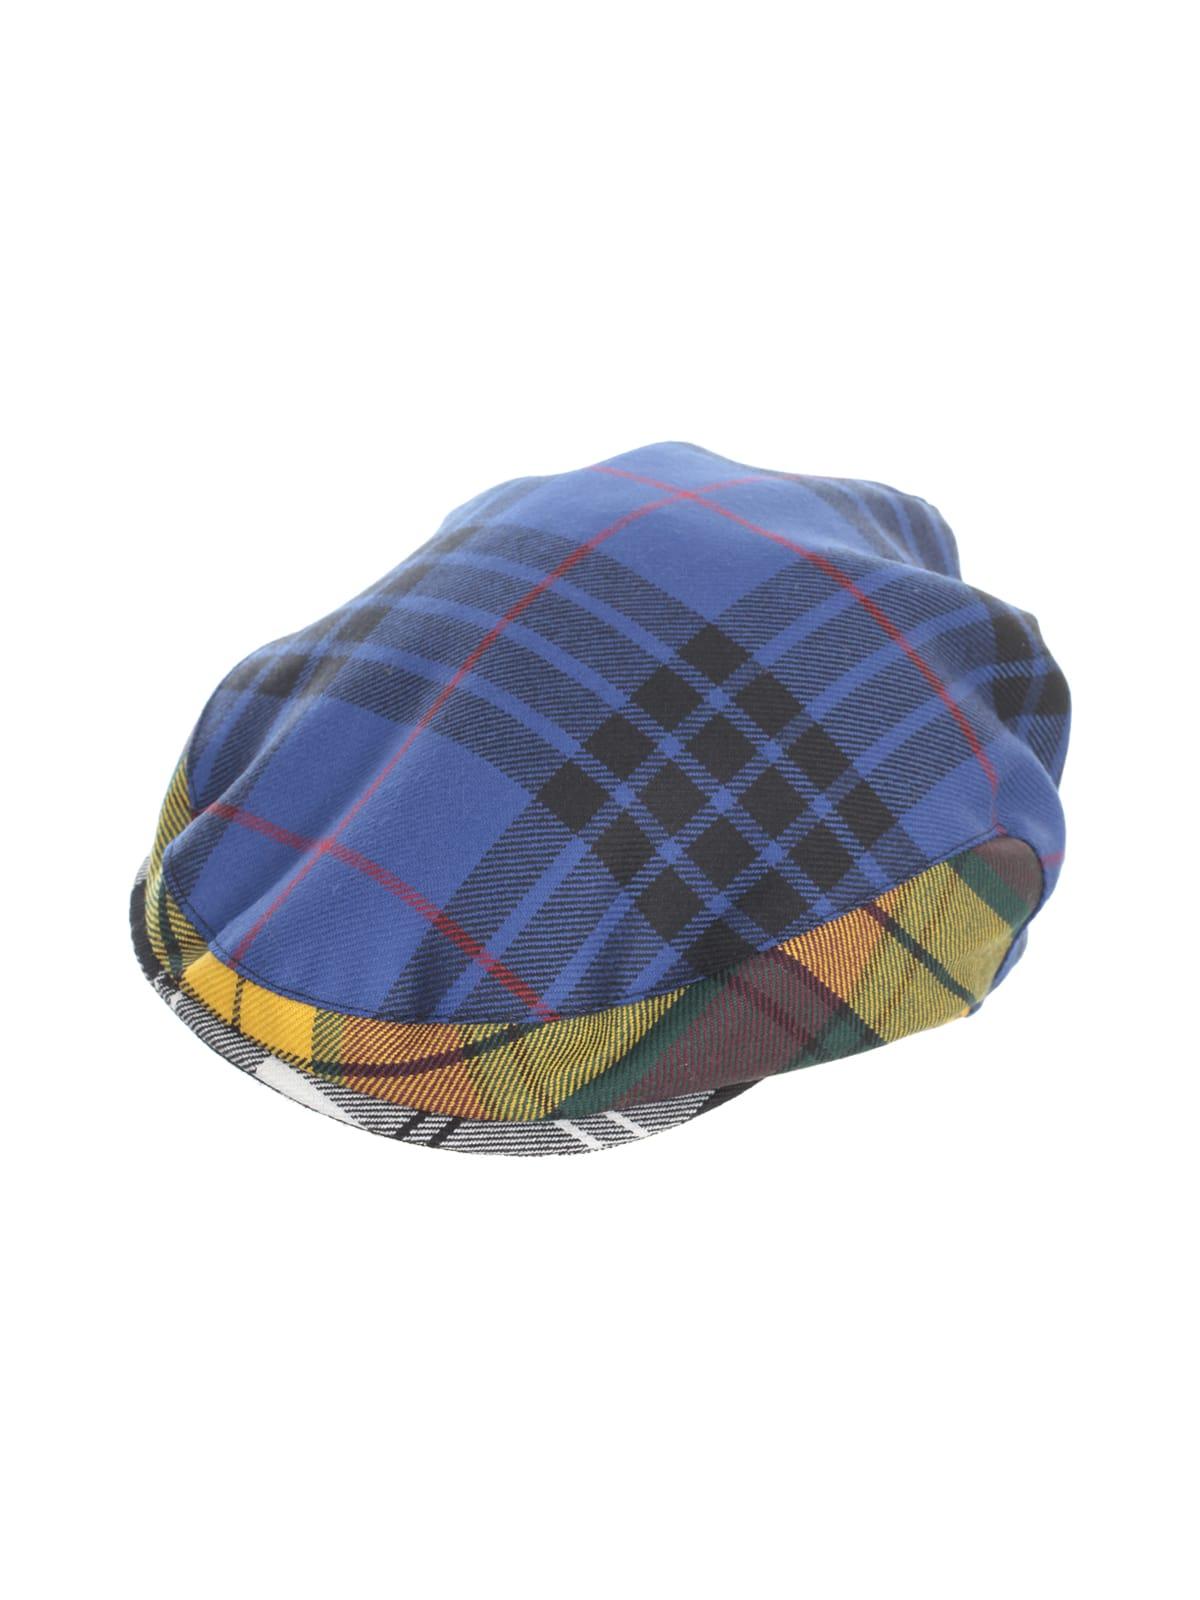 Comme Des Garçons Shirt WOOL TARTAN CHECK GABARDINE HAT